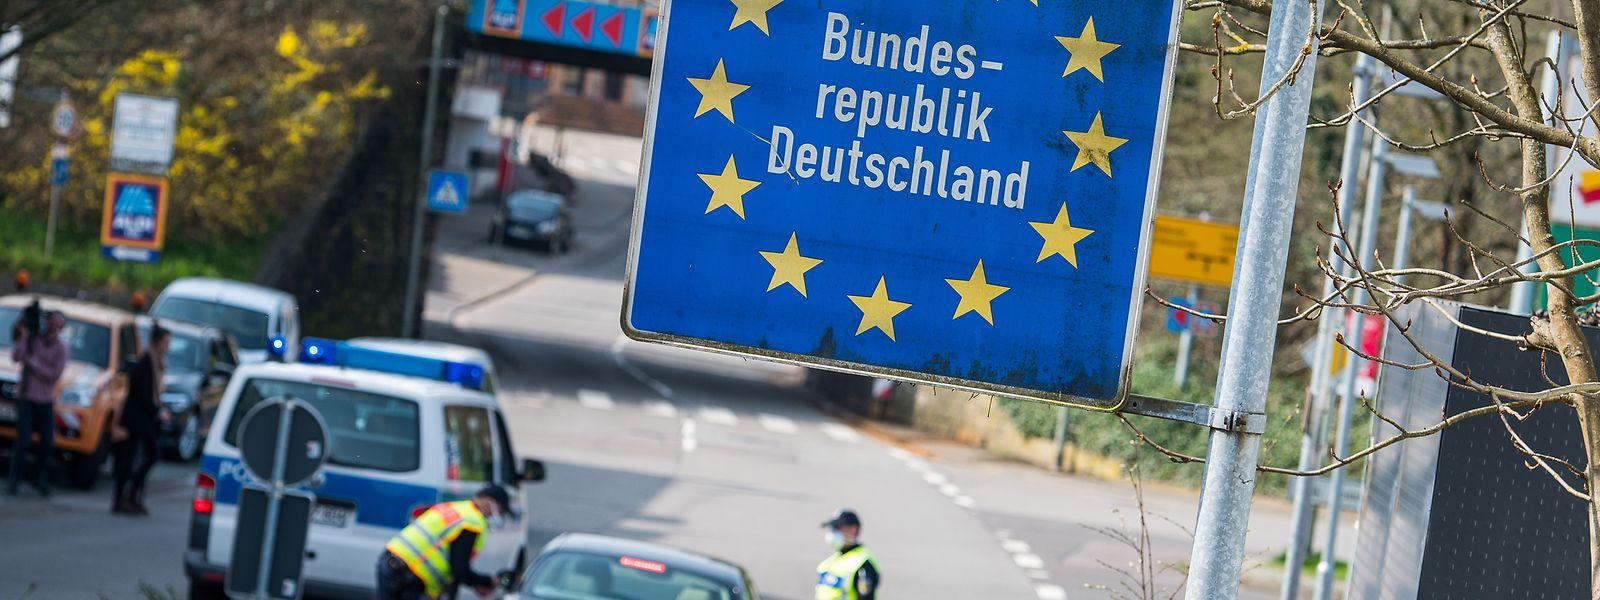 In einer ersten Phase sollen sämtliche Grenzübergänge wieder passierbar gemacht werden. Polizeikontrollen bleiben aber bis auf Weiteres.